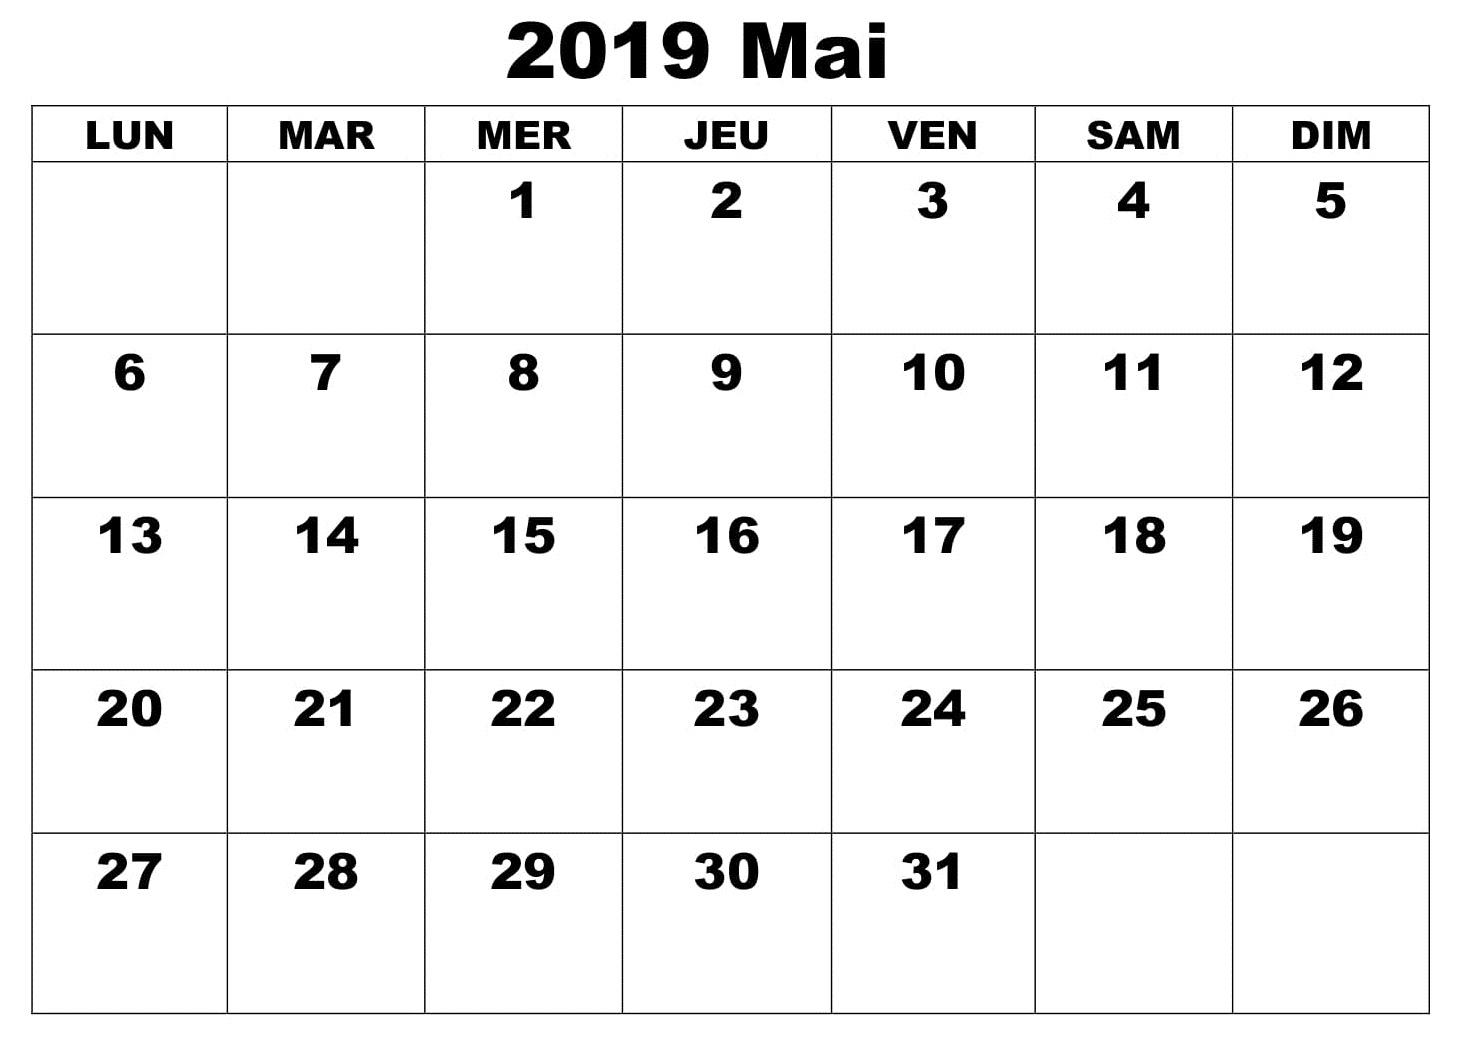 Mai Calendrier Mois 2019 PDF